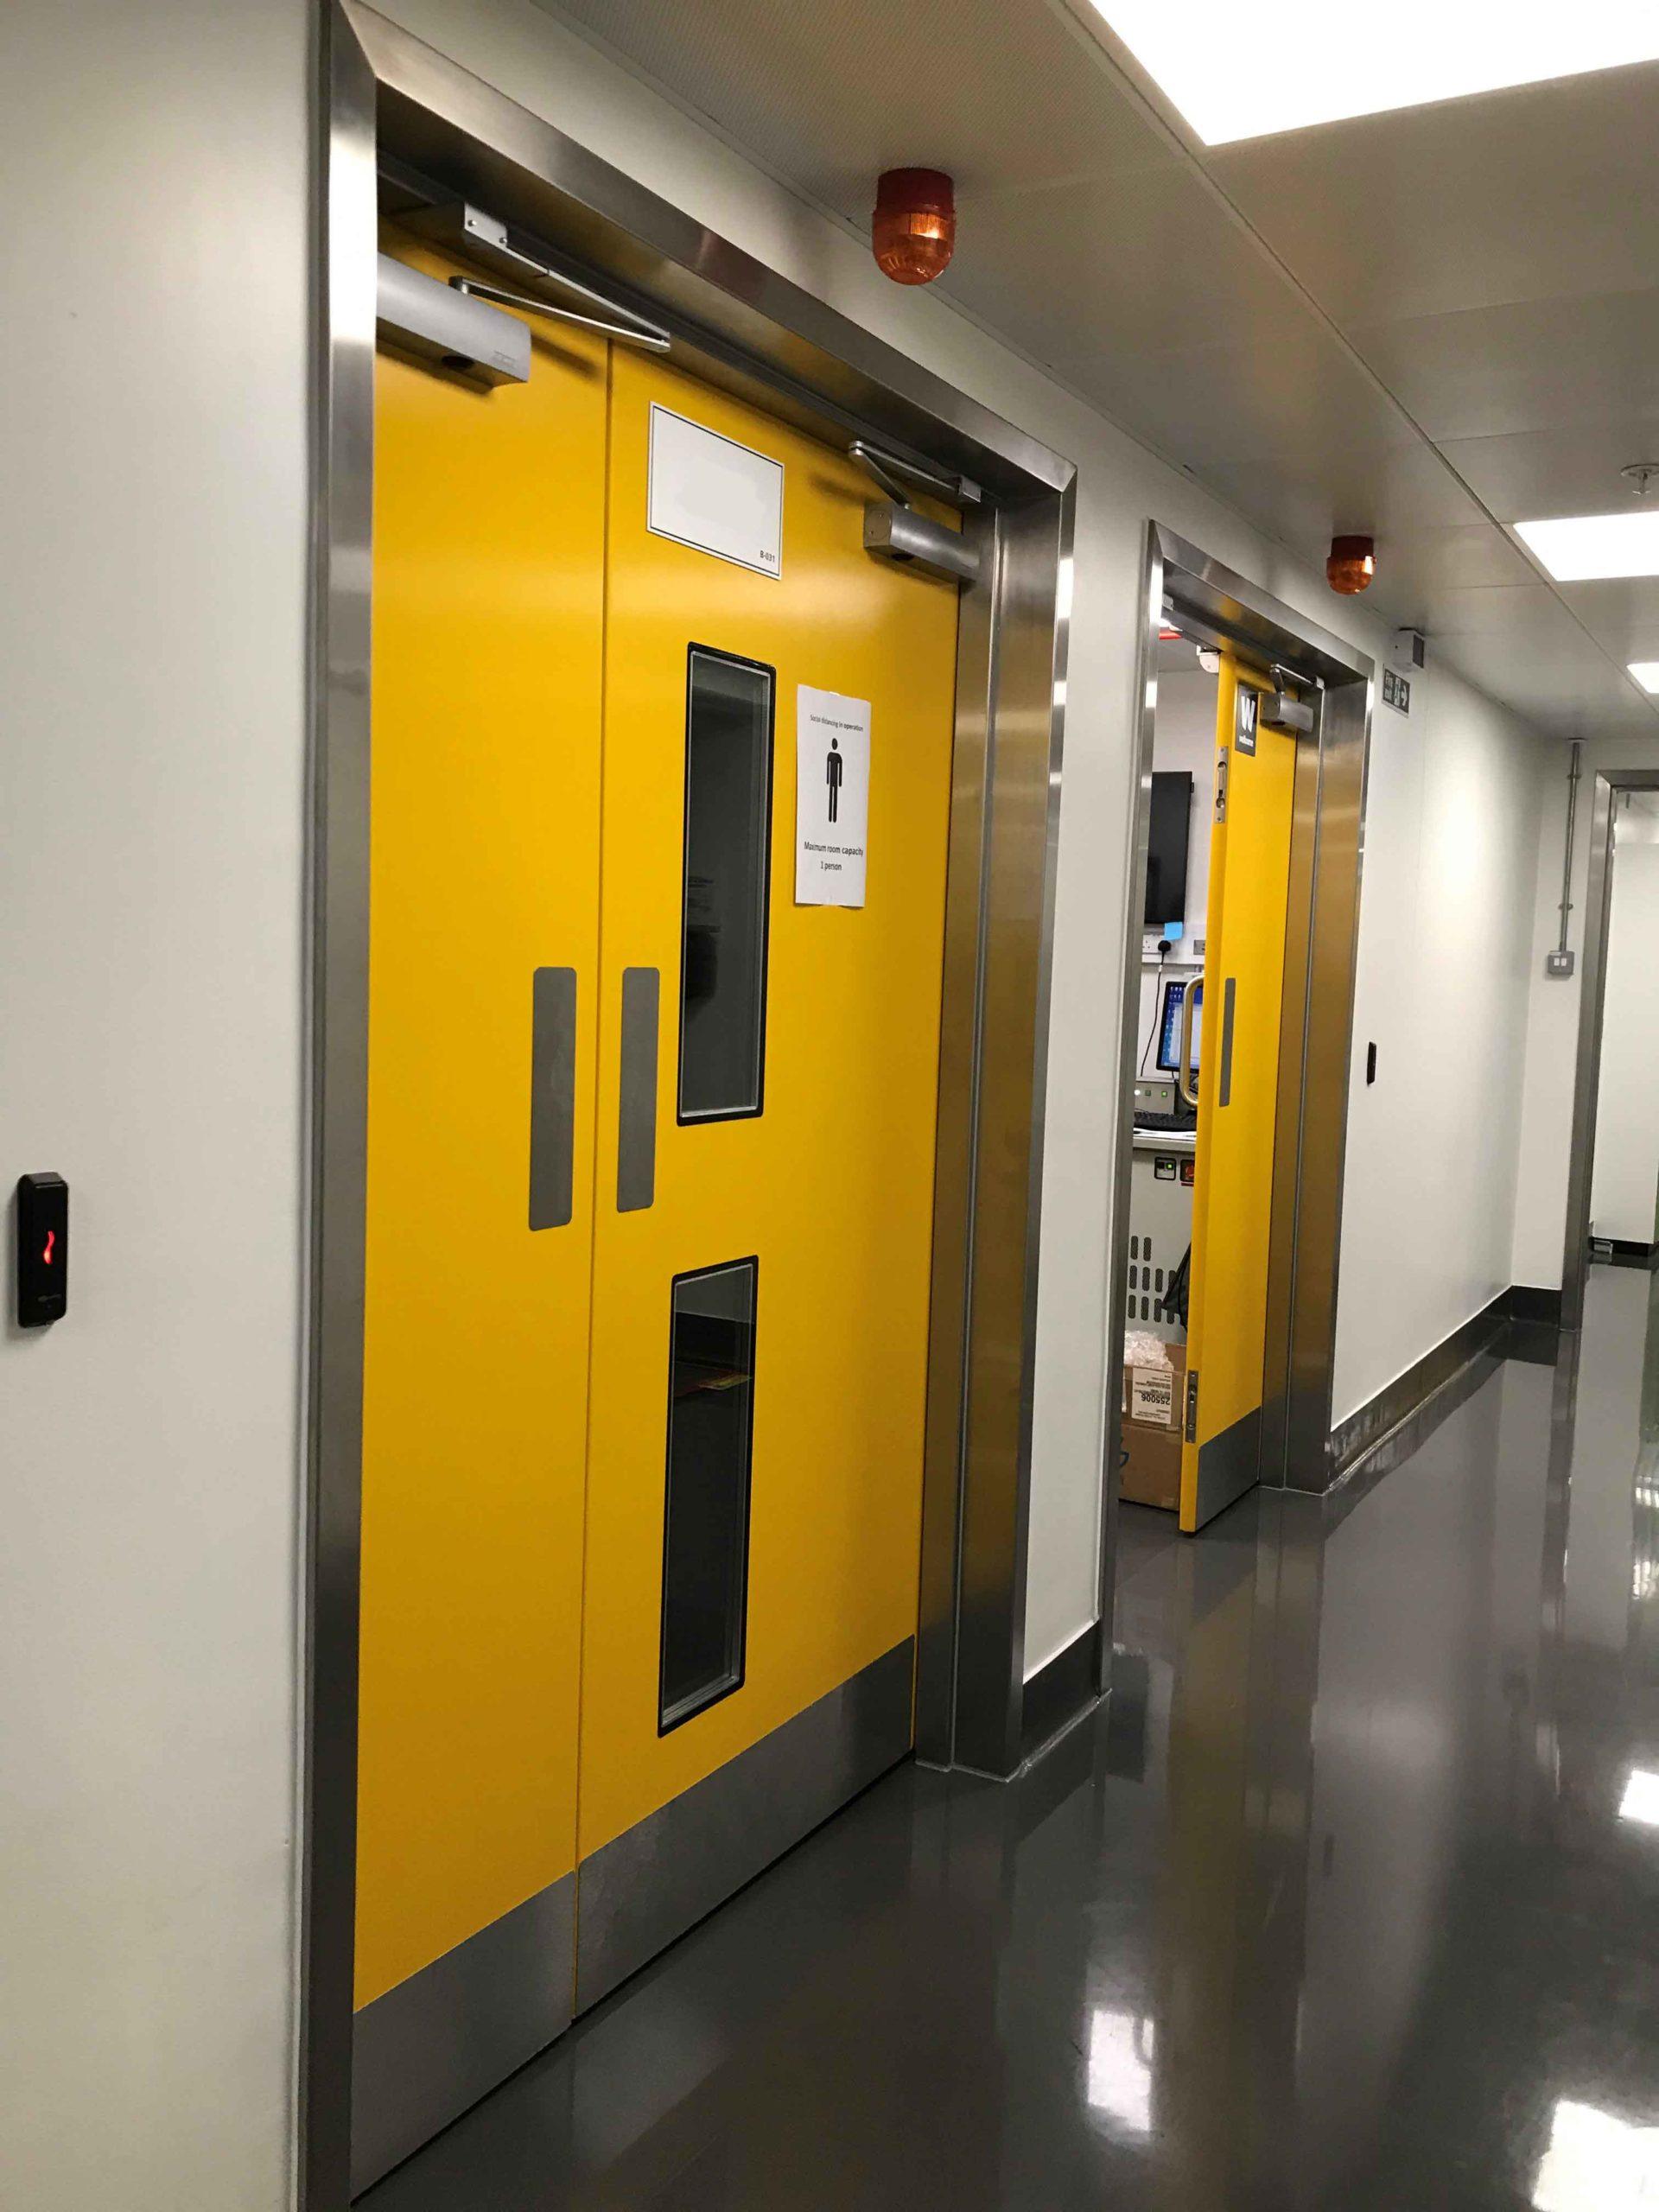 x-ray doors, operating theatre doors, icu doors